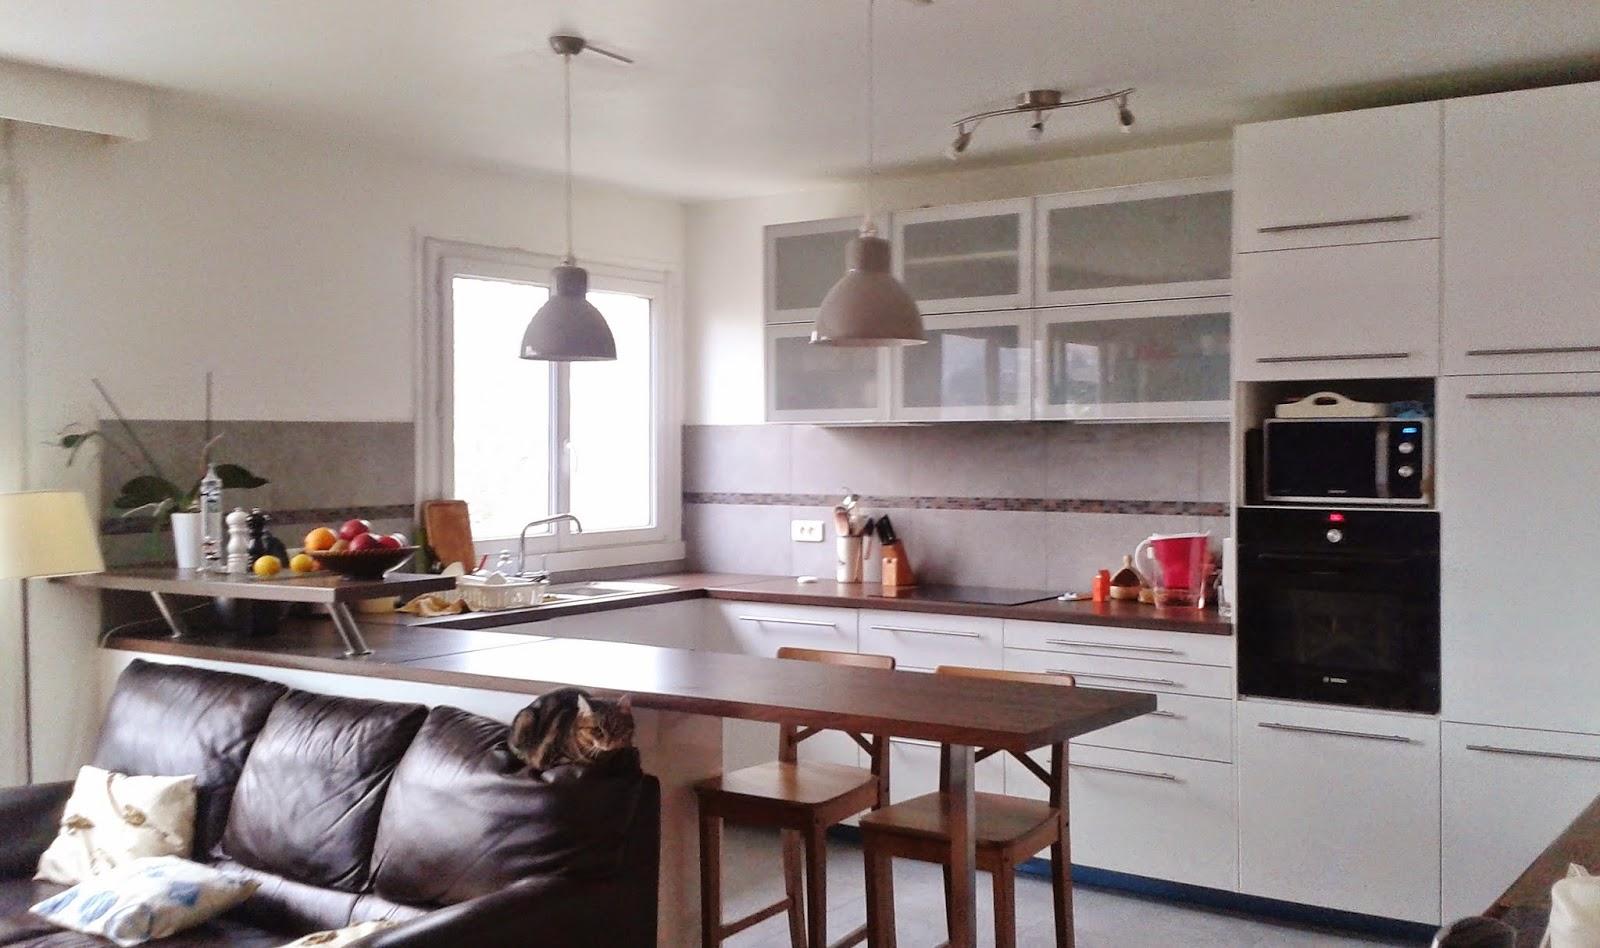 adc l 39 atelier d 39 c t am nagement int rieur design d. Black Bedroom Furniture Sets. Home Design Ideas